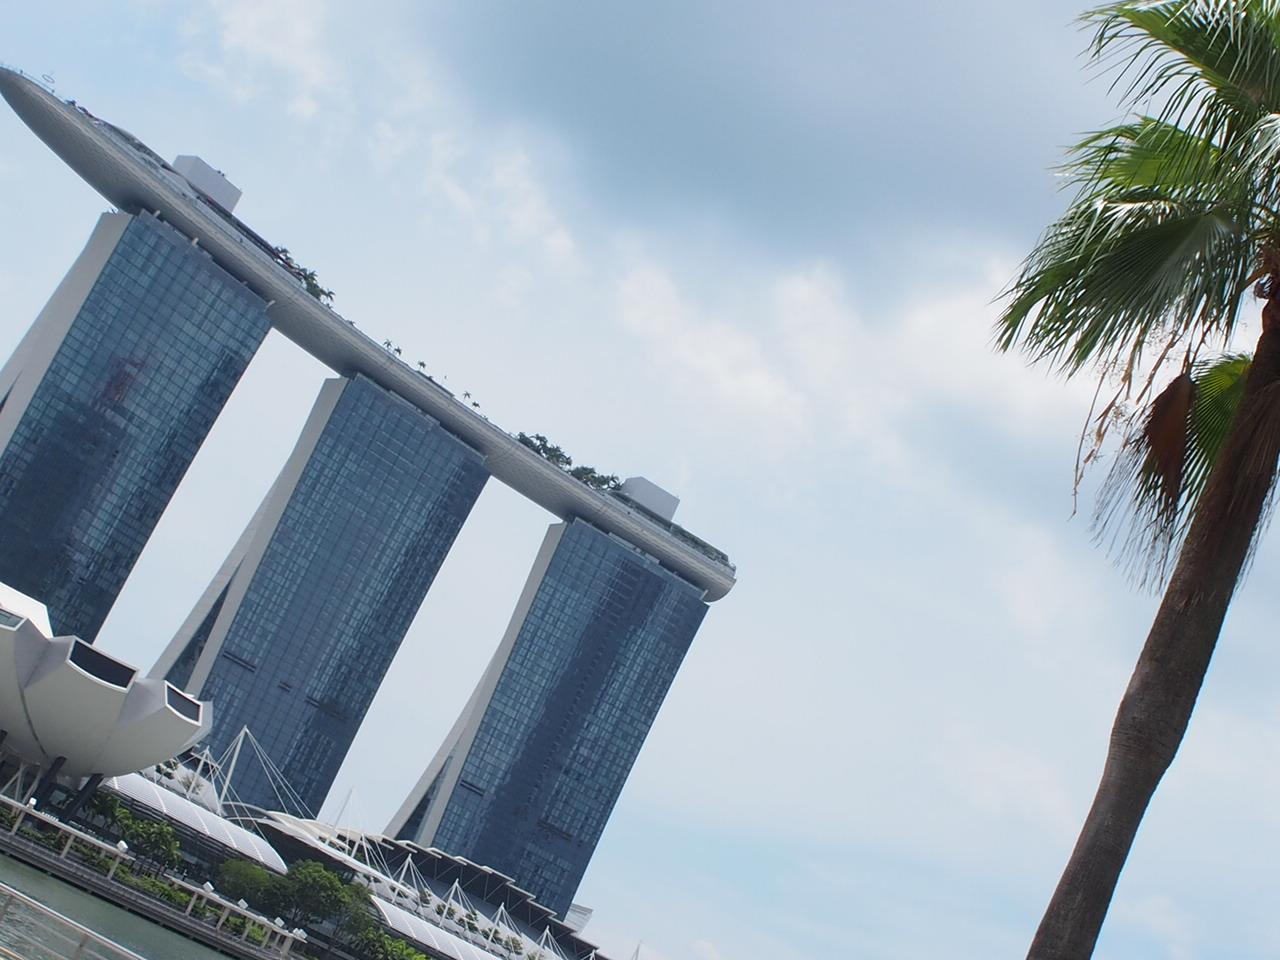 春の女子旅は断然シンガポール!場所もフードも華やかショットでインスタアップ間違いなし